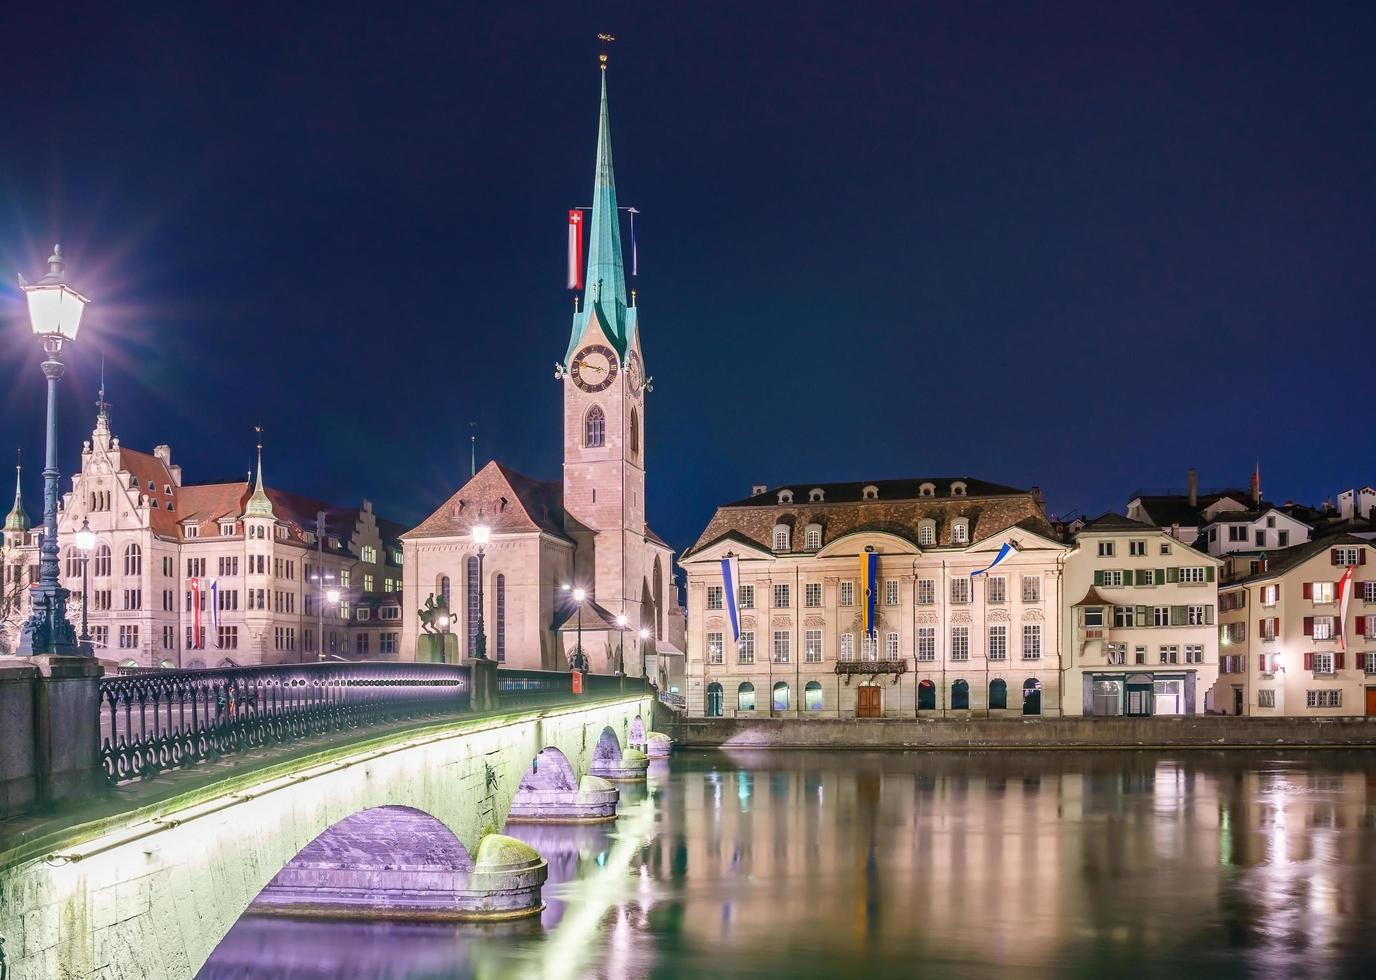 Vista del casco antiguo de Grossmunster y Zurich, Suiza foto